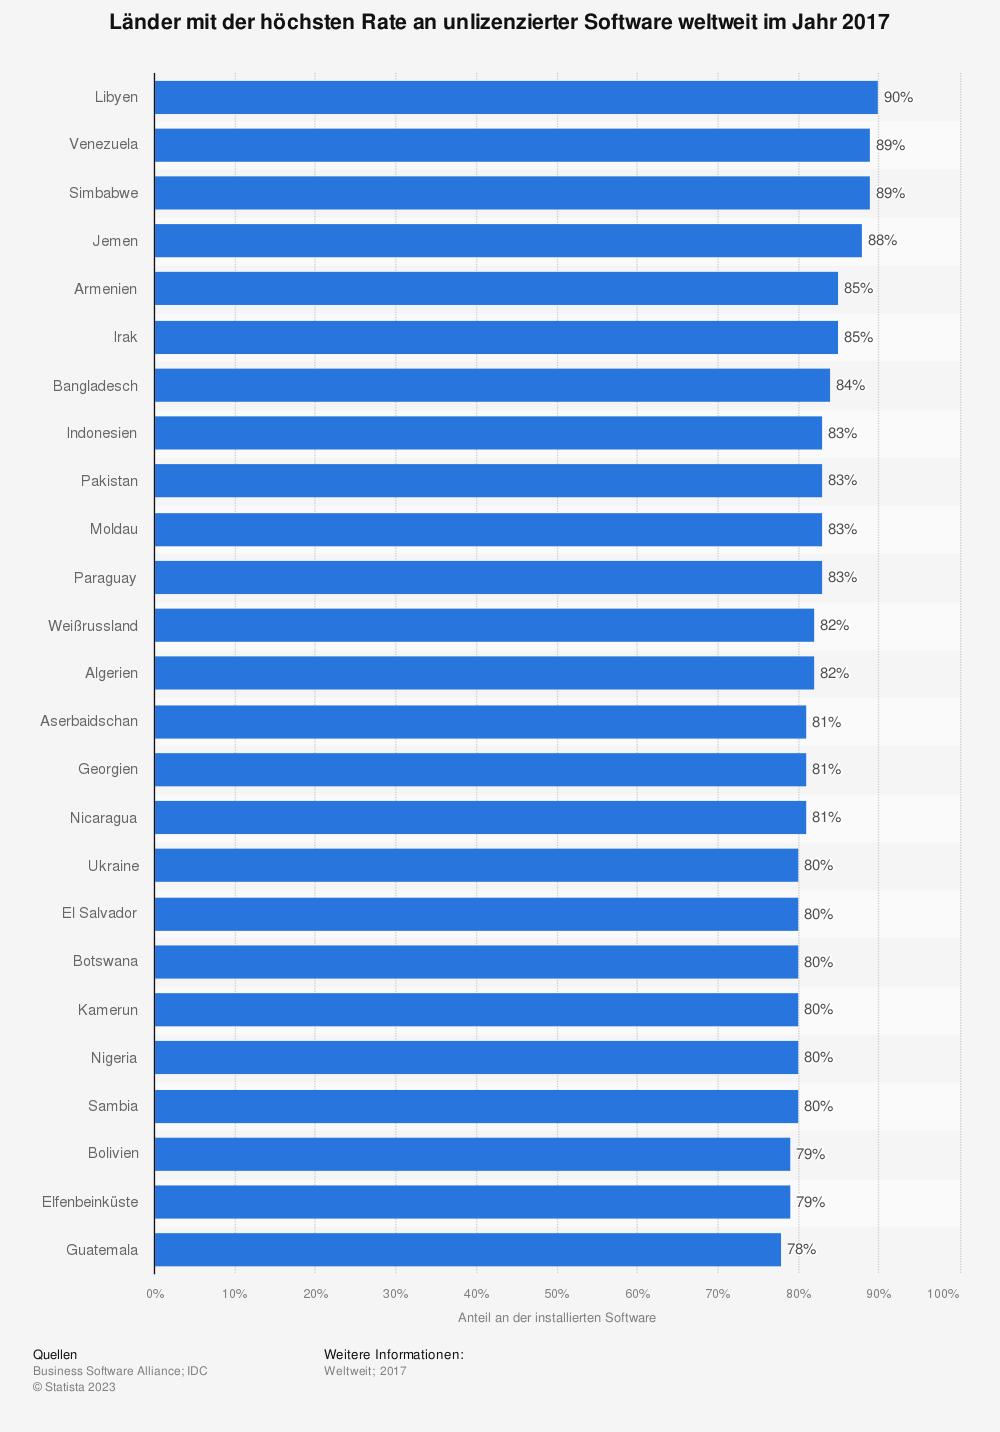 Statistik: Länder mit der höchsten Rate an unlizenzierter Software weltweit im Jahr 2017 | Statista